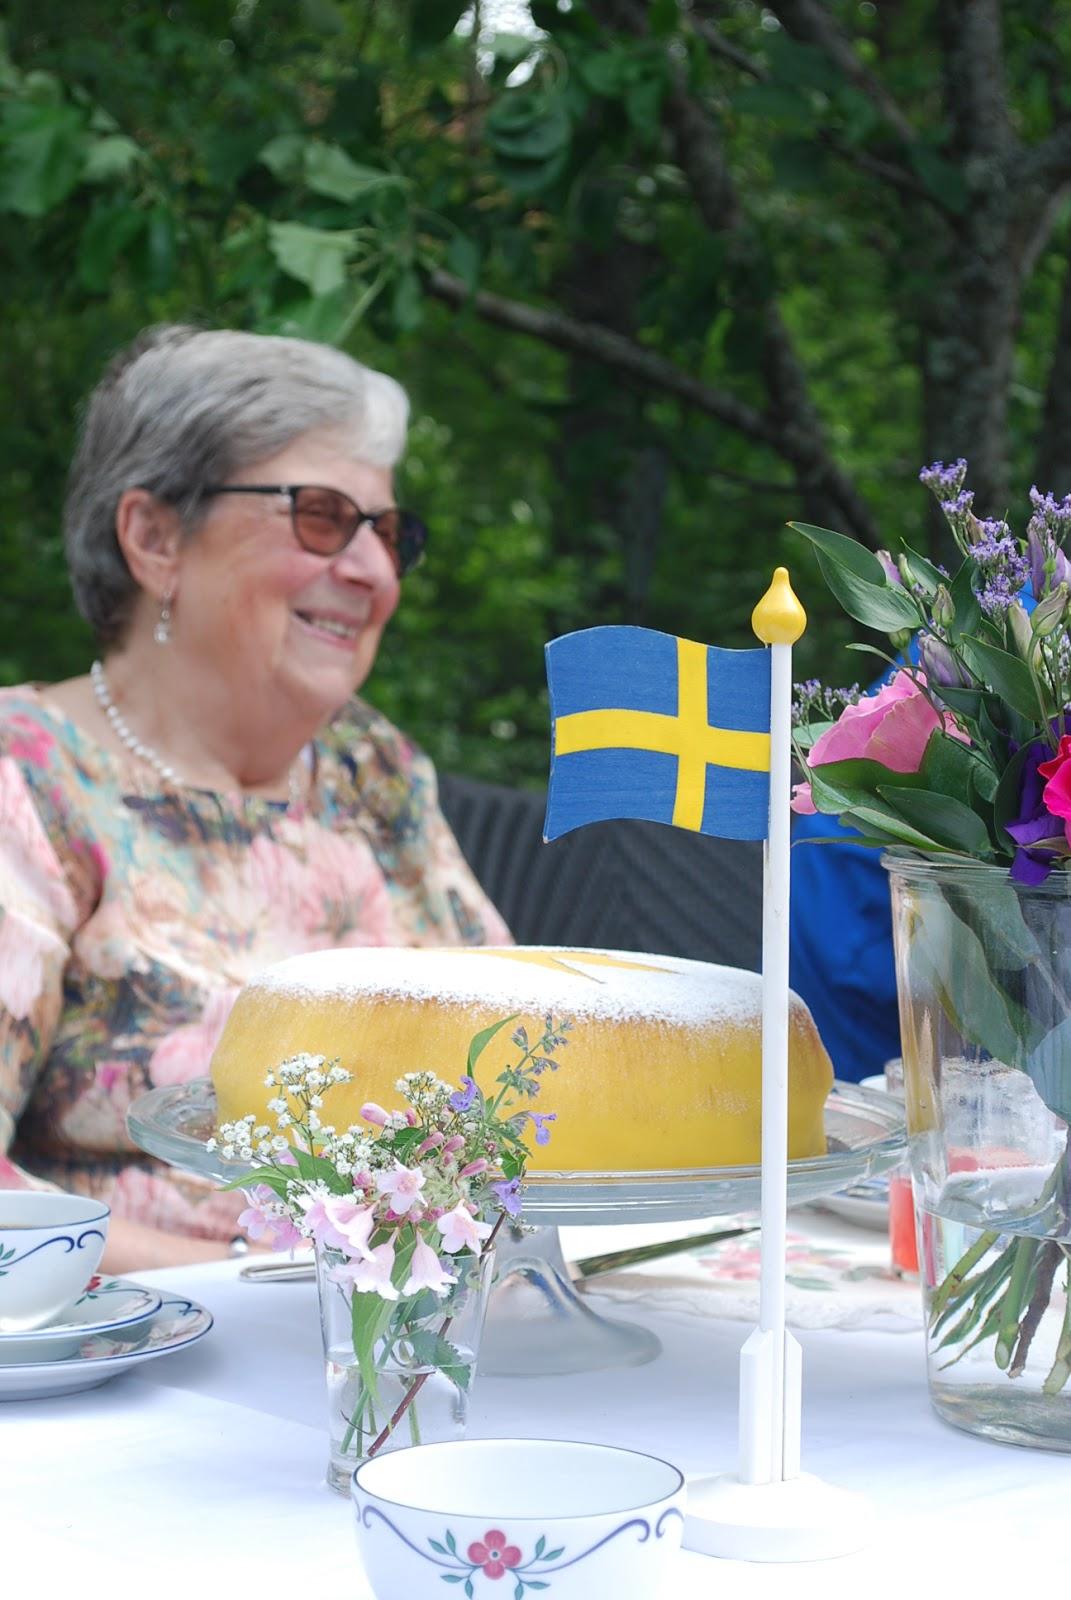 75 års present mamma Var Dag i Mitt Liv: Mamma 75 år 75 års present mamma